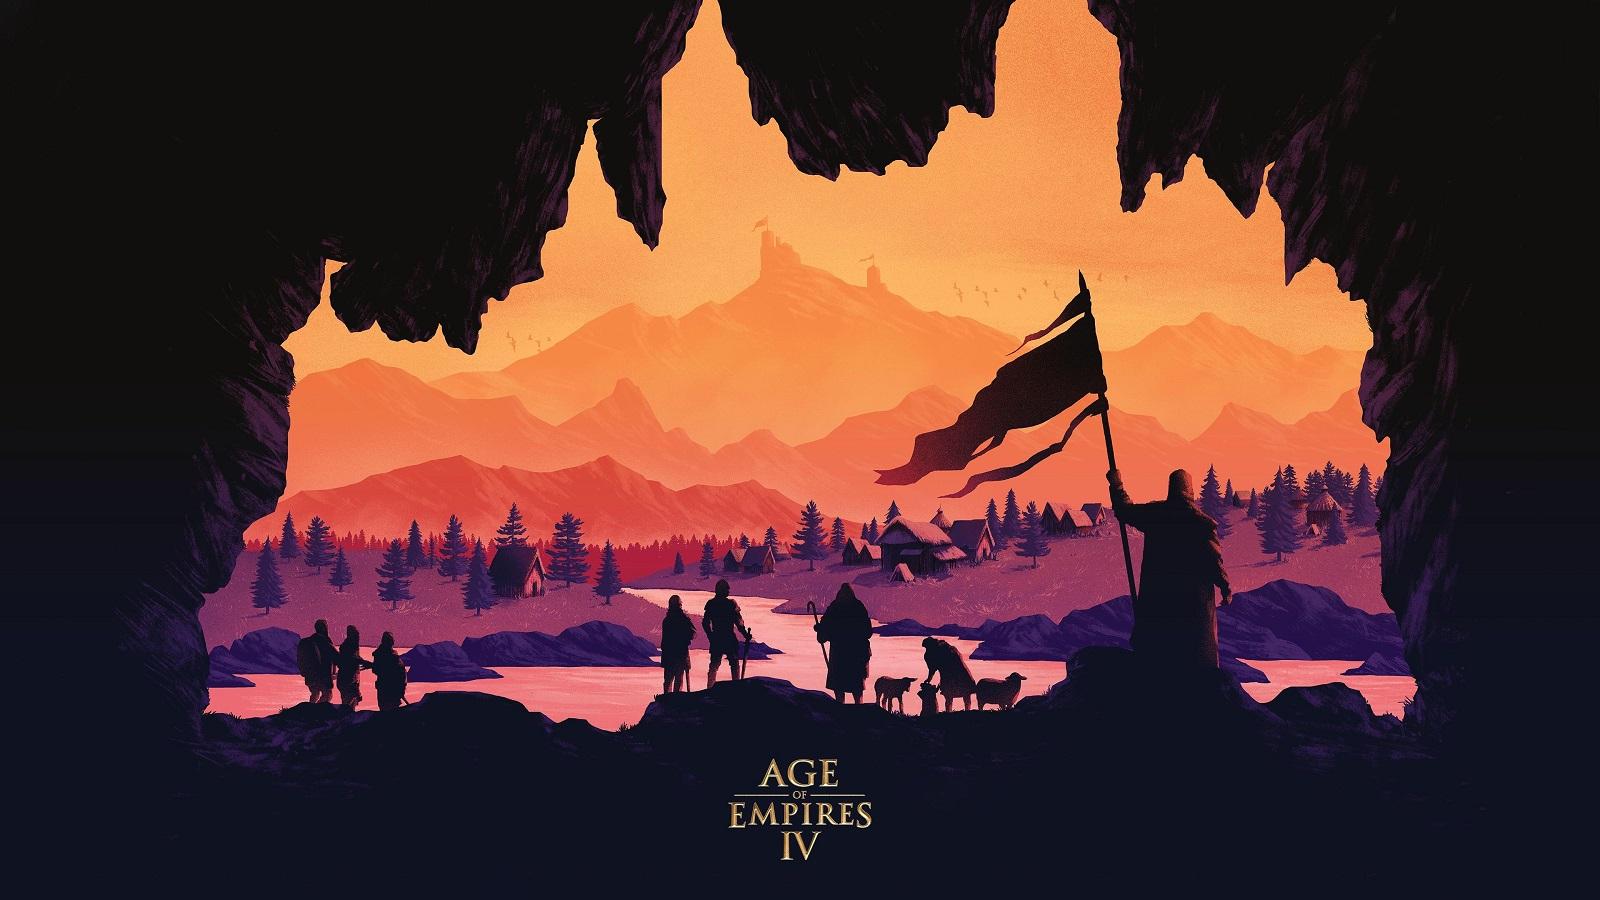 Создатели Age of Empires IV добились «значительного прогресса» — сотрудники играют в игру каждый день